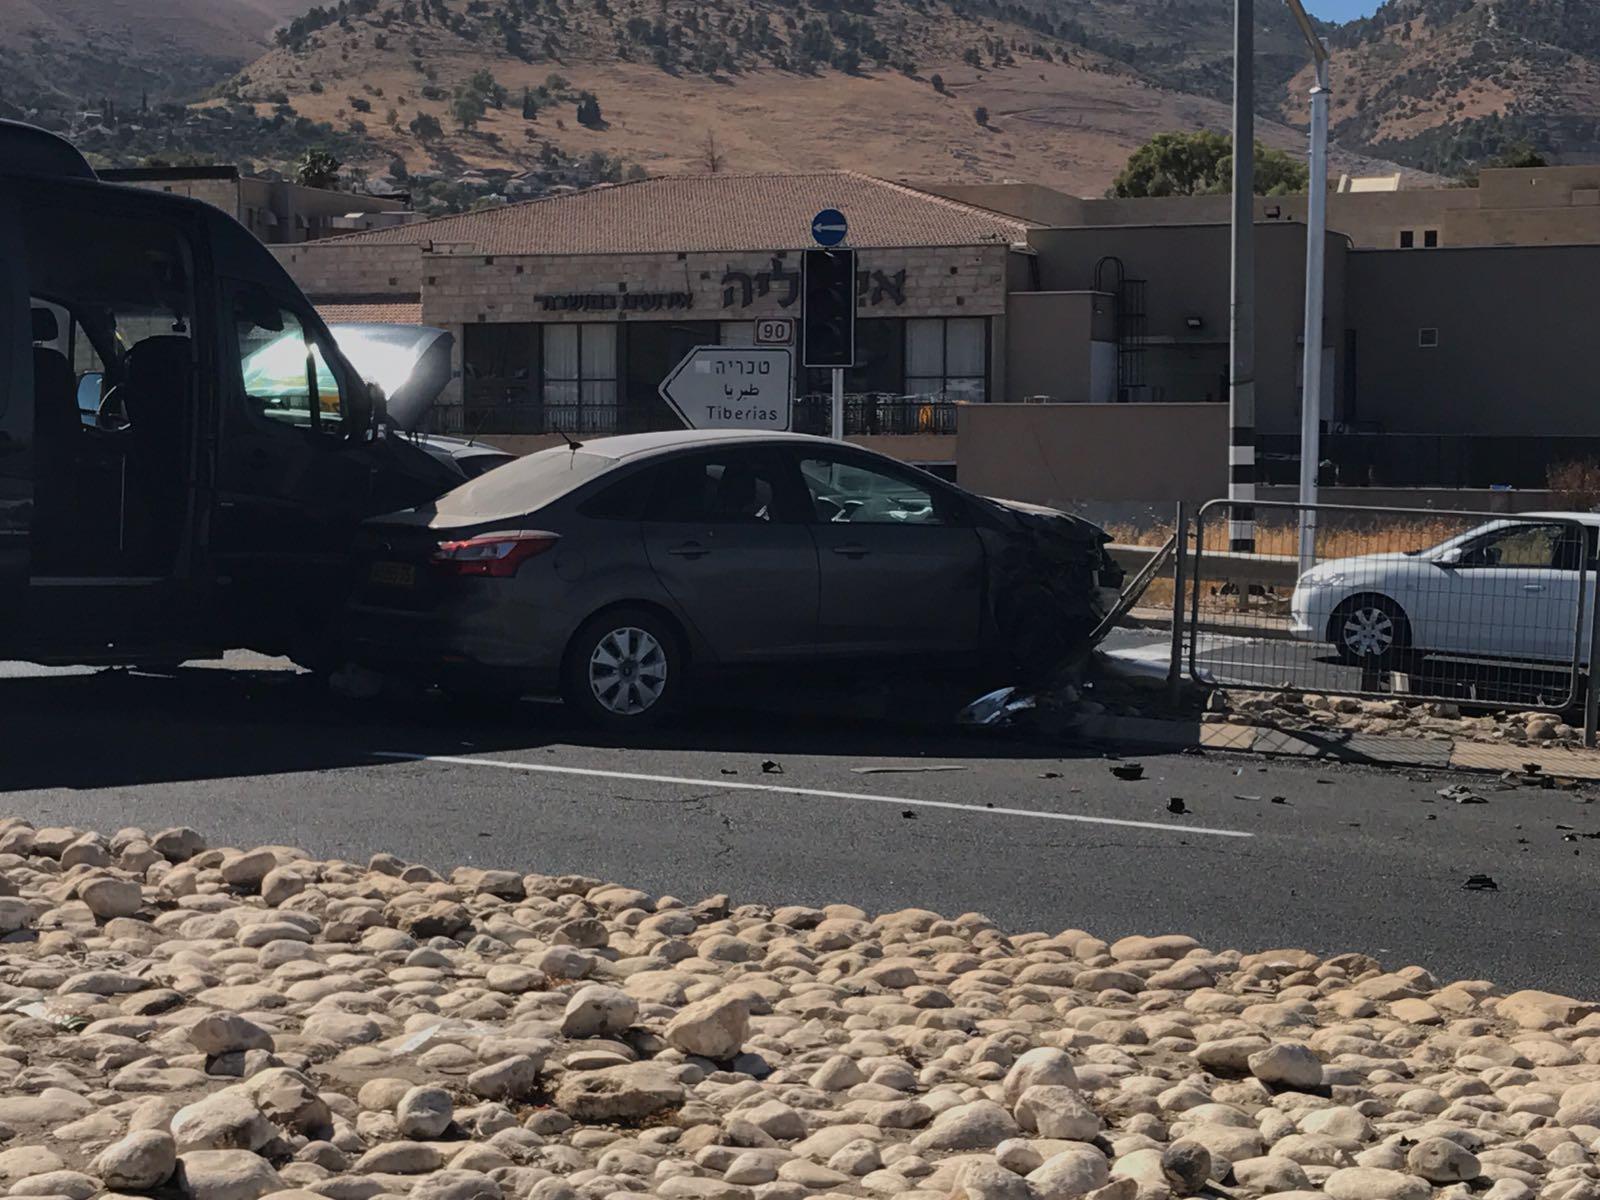 תאונה בין מיניבוס לרכב פרטי בכביש 90 – צומת טובא ראש פינה